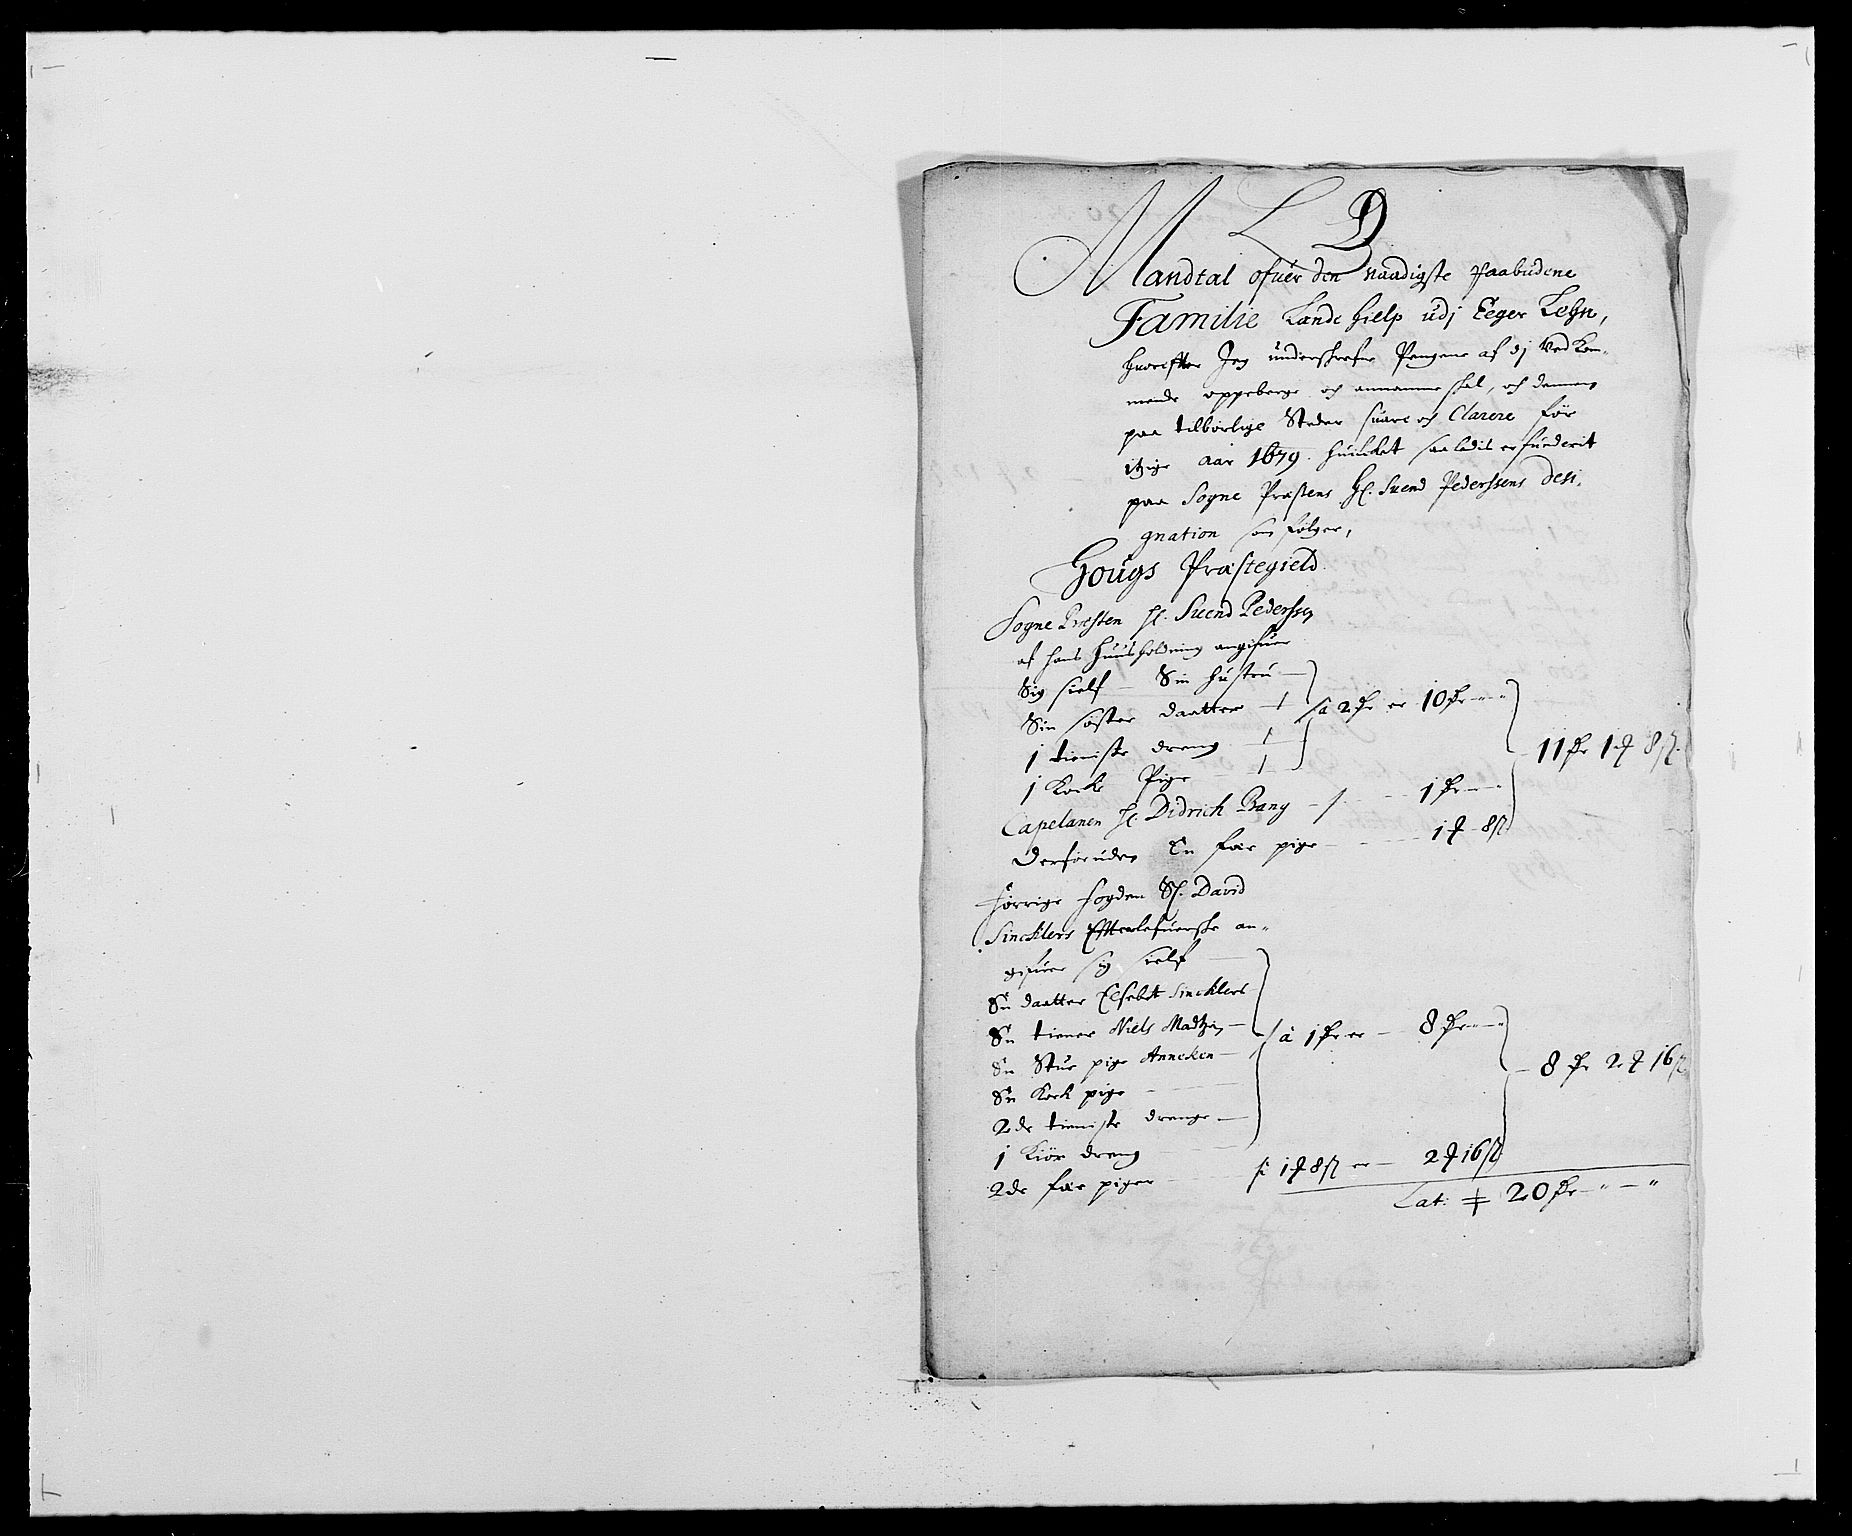 RA, Rentekammeret inntil 1814, Reviderte regnskaper, Fogderegnskap, R26/L1684: Fogderegnskap Eiker, 1679-1686, s. 71